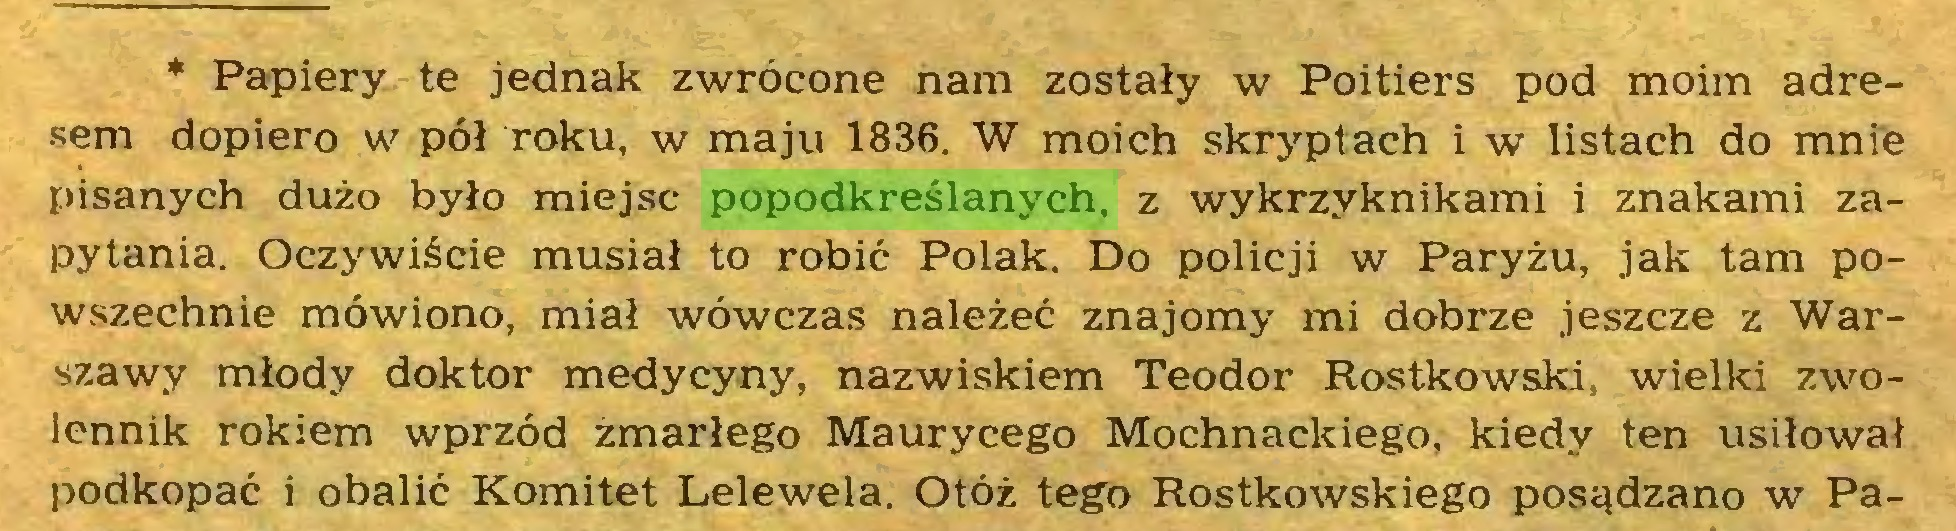 (...) * Papiery te jednak zwrócone nam zostały w Poitiers pod moim adresem dopiero w pół roku, w maju 1836. W moich skryptach i w listach do mnie pisanych dużo było miejsc popodkreślanych, z wykrzyknikami i znakami zapytania. Oczywiście musiał to robić Polak. Do policji w Paryżu, jak tam powszechnie mówiono, miał wówczas należeć znajomy mi dobrze jeszcze z Warszawy młody doktor medycyny, nazwiskiem Teodor Rostkowski, wielki zwolennik rokiem wprzód zmarłego Maurycego Mochnackiego, kiedy ten usiłował podkopać i obalić Komitet Lelewela. Otóż tego Rostkowskiego posądzano w Pa...